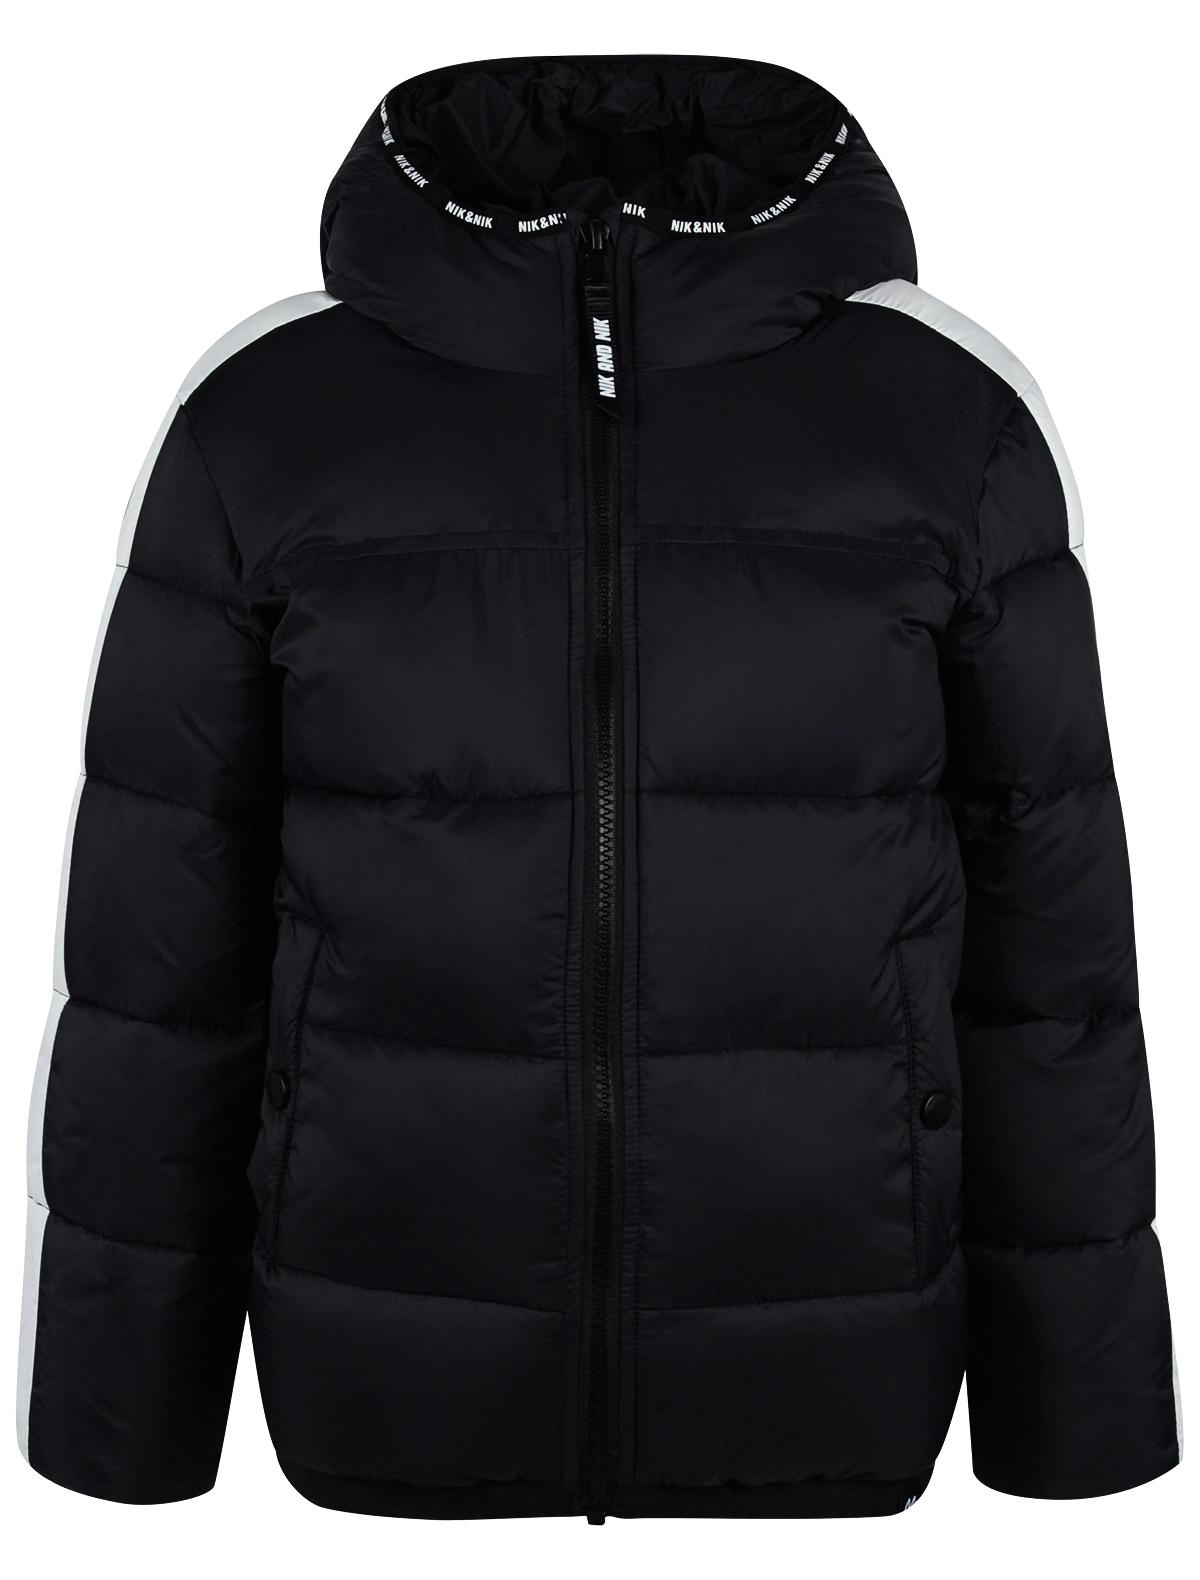 Купить 2122685, Куртка NIK & NIK, черный, Мужской, 1071119980230